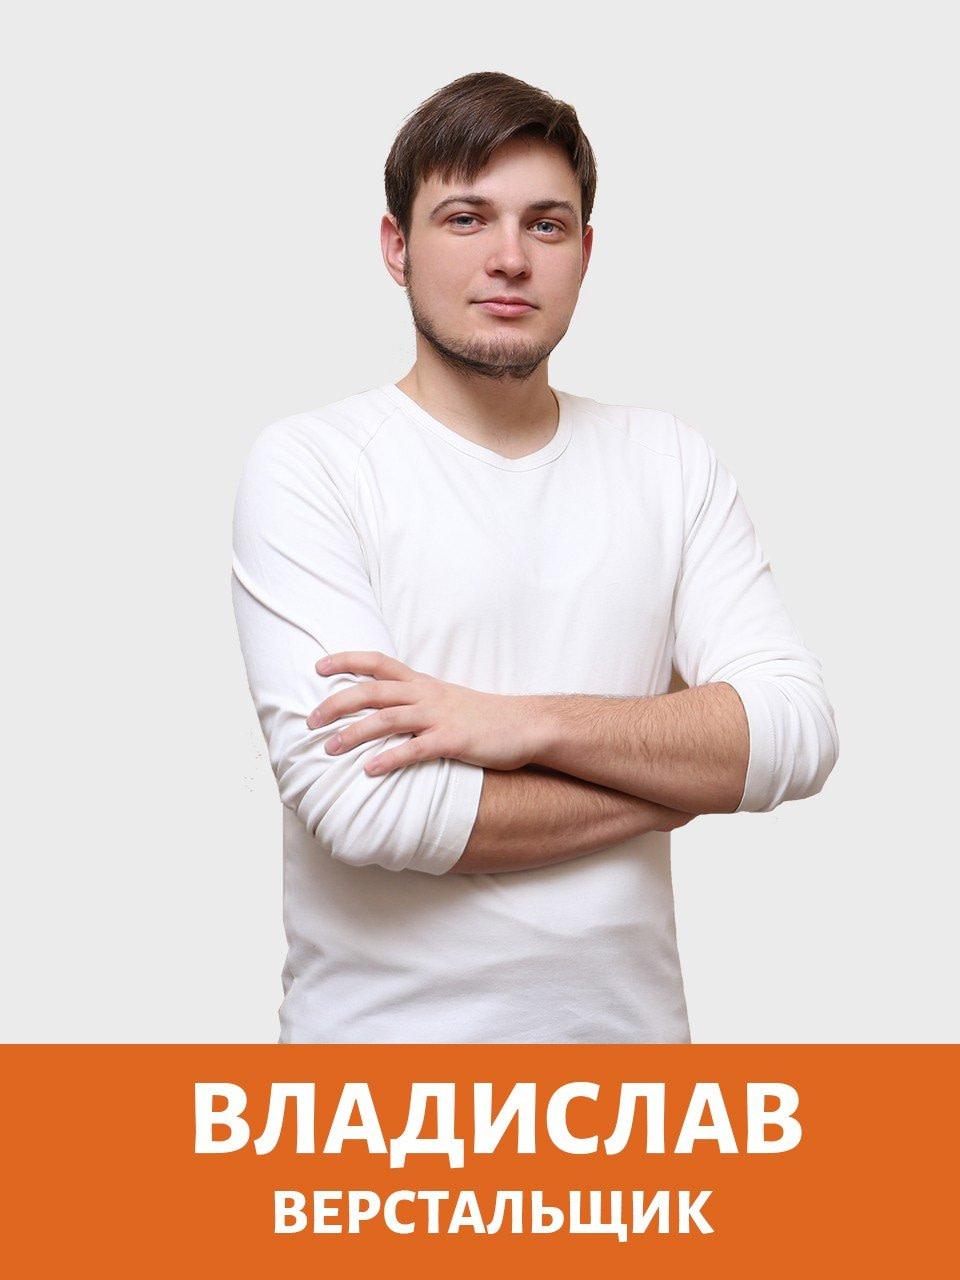 vladislav verstalshhik - Создание и разработка сайтов в Актобе